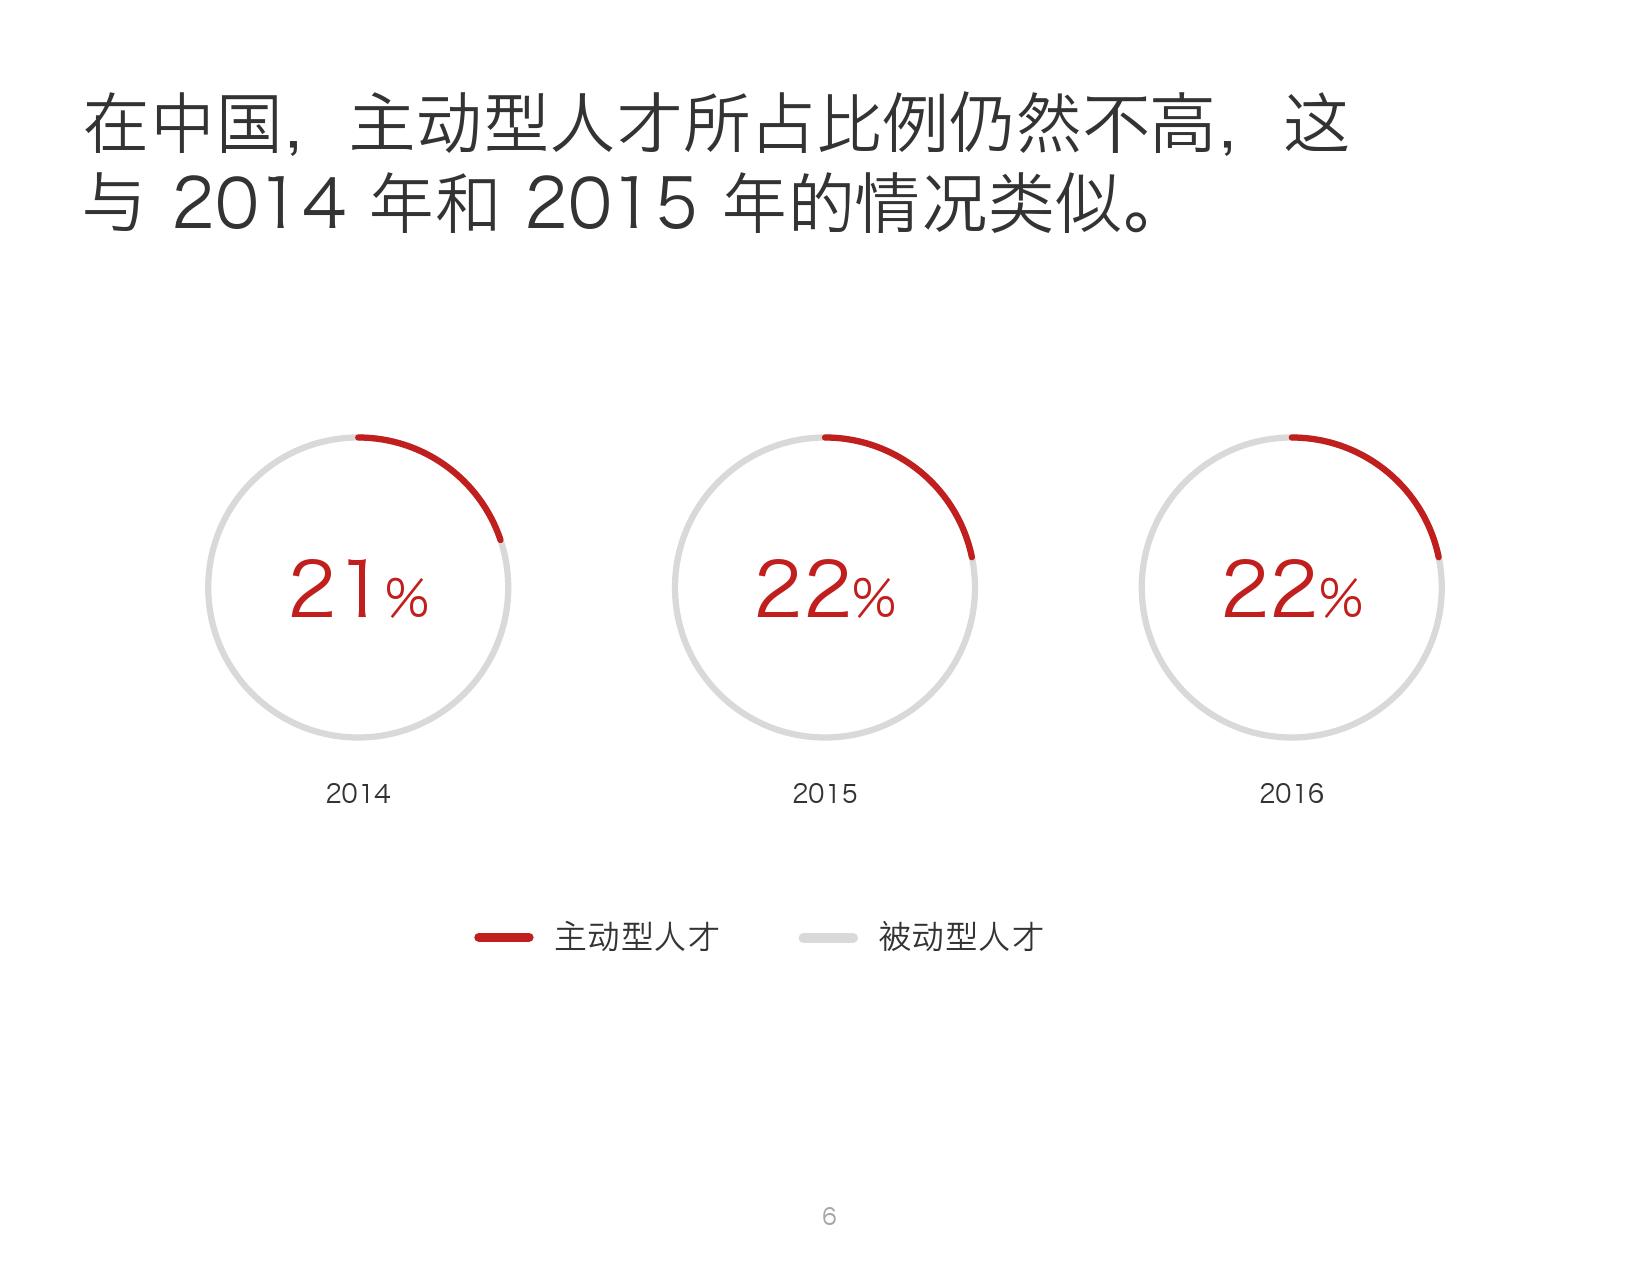 2016年中国人才趋势报告_000006